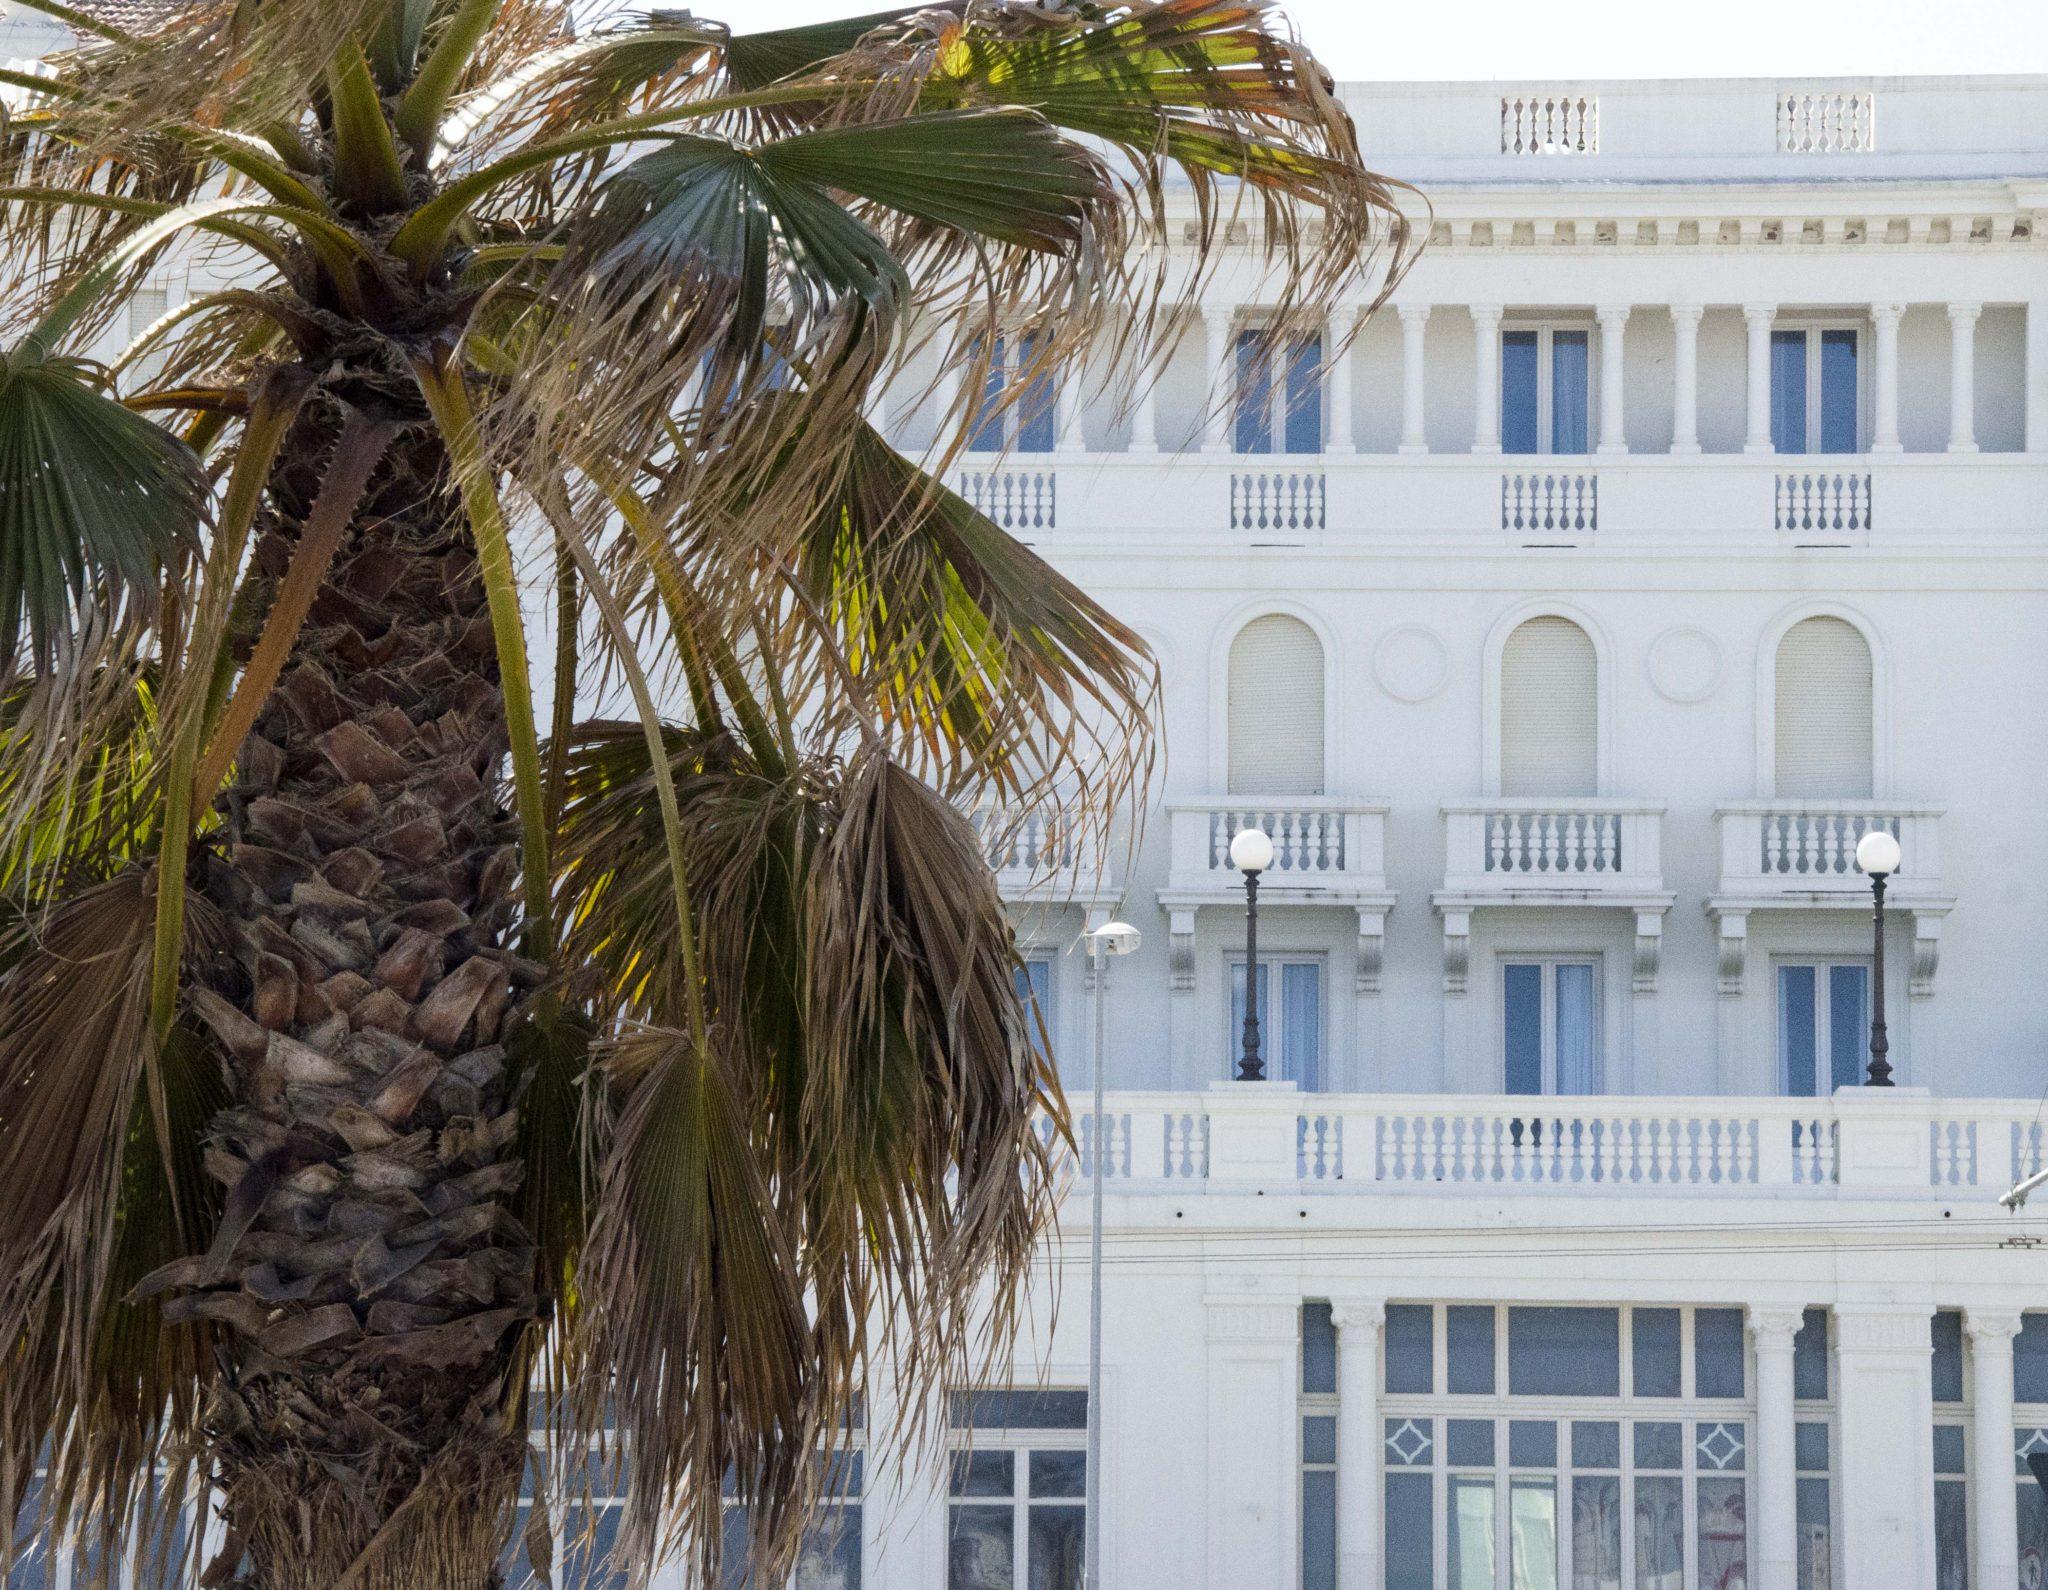 Grand Hotel che ricordano navi da crociera, facciate in cristallo e pensioni dall'aspetto vintage. Passeggiata architettonica fra gli alberghi della città